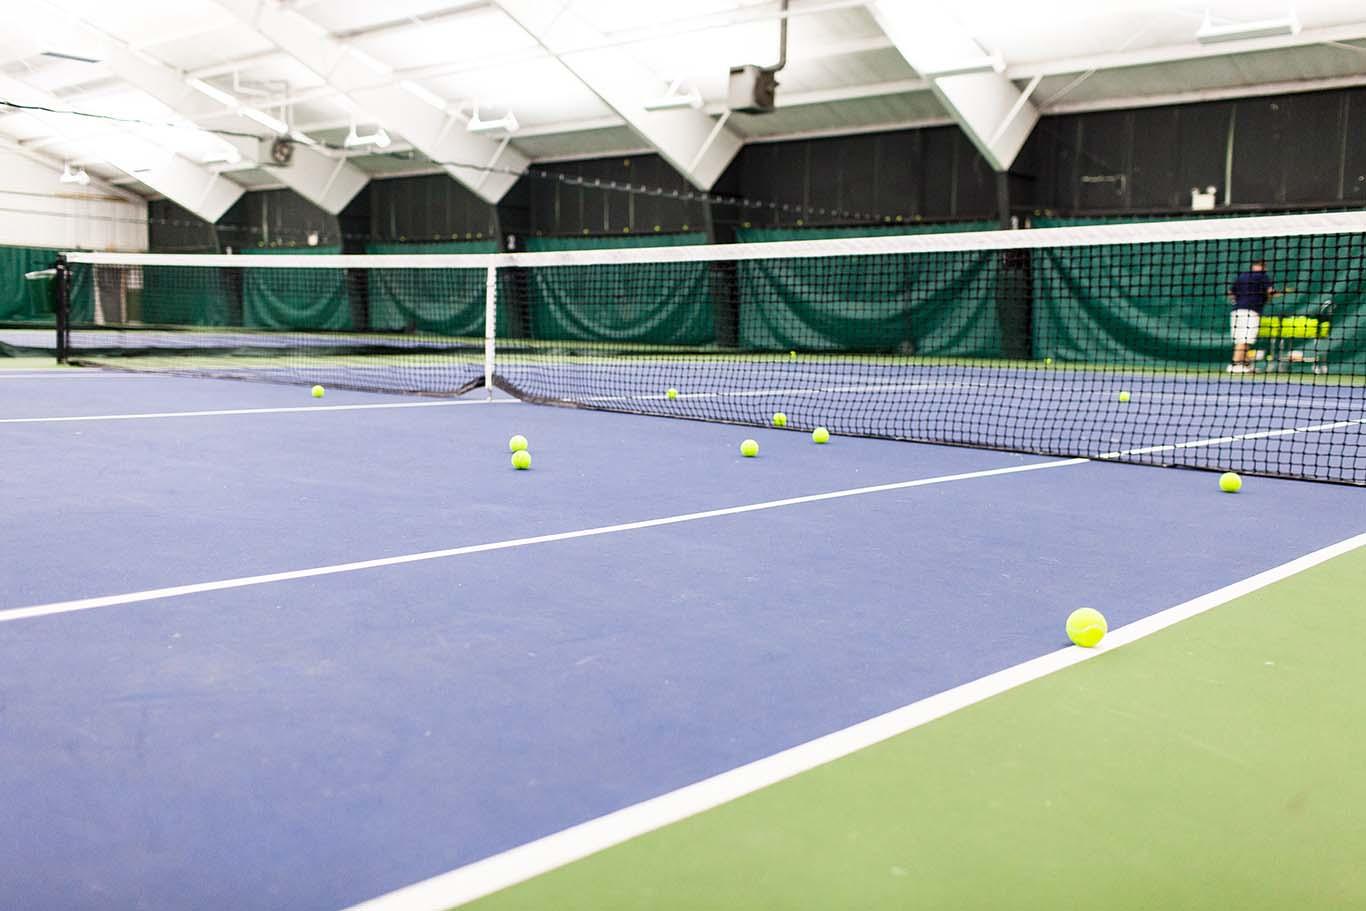 widecourts4.jpg